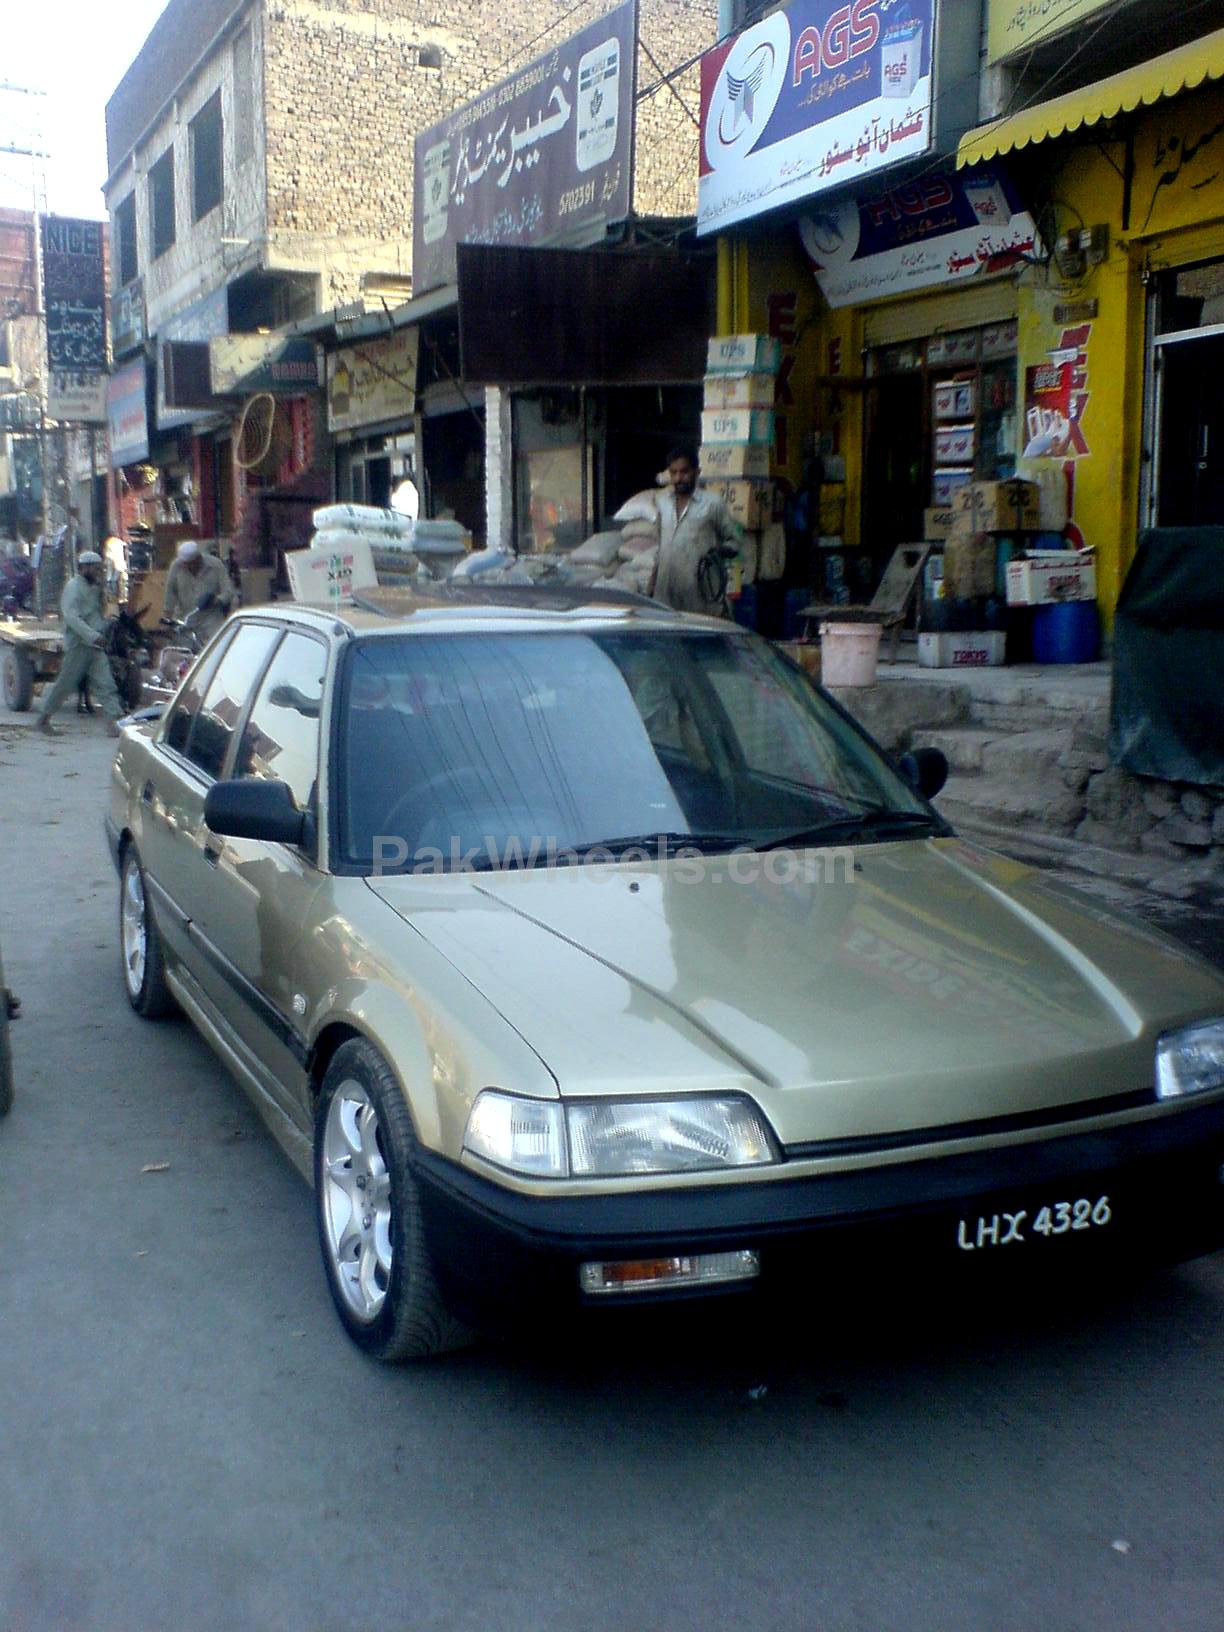 Kelebihan Kekurangan Honda Civic 1988 Spesifikasi